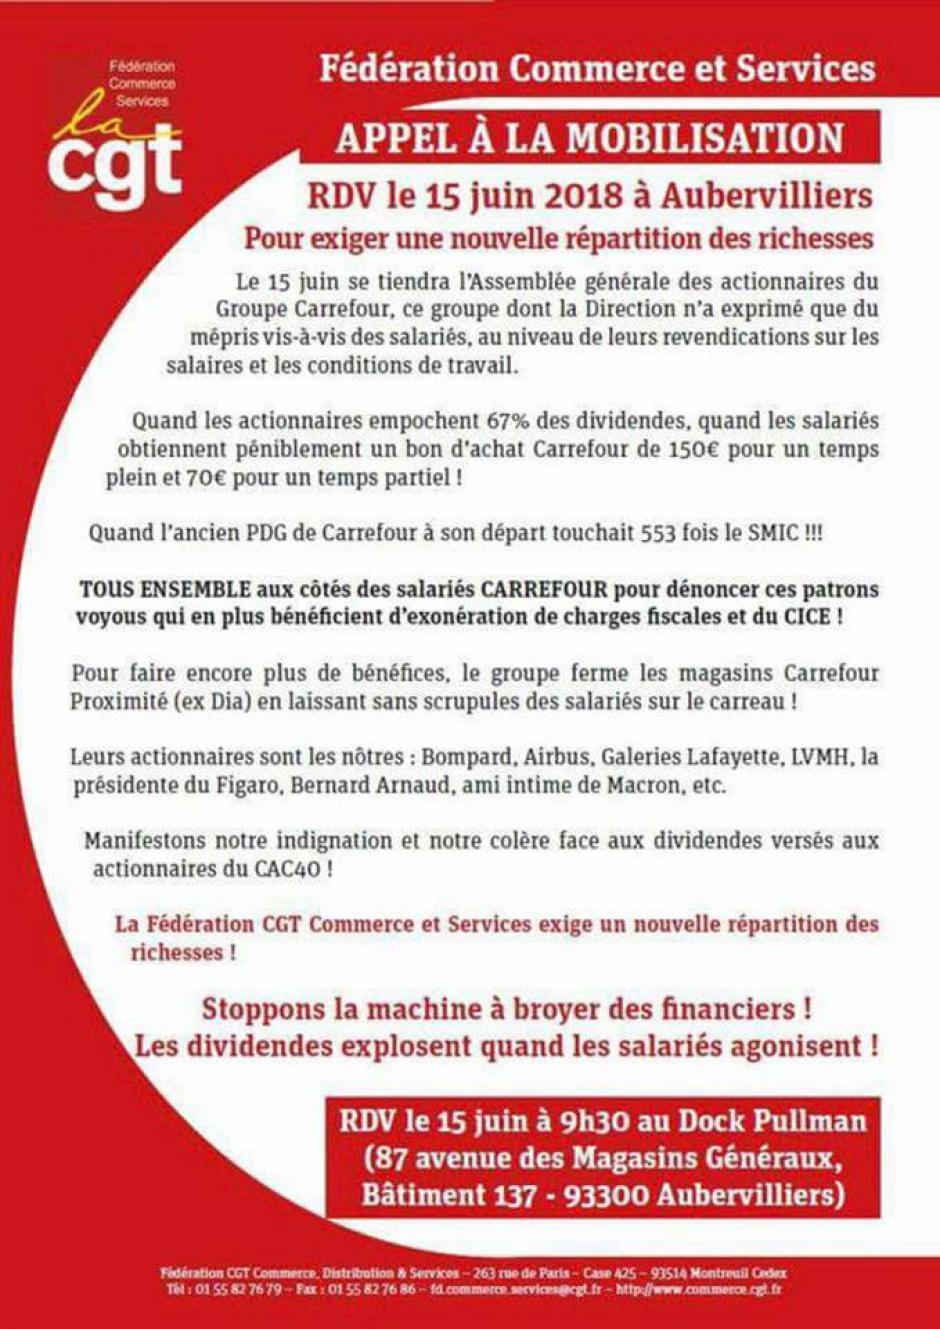 Tract « Carrefour : Appel à la mobilisation pour exiger une autre répartition des richesses » - CGT Commerce et Services, 15 juin 2018